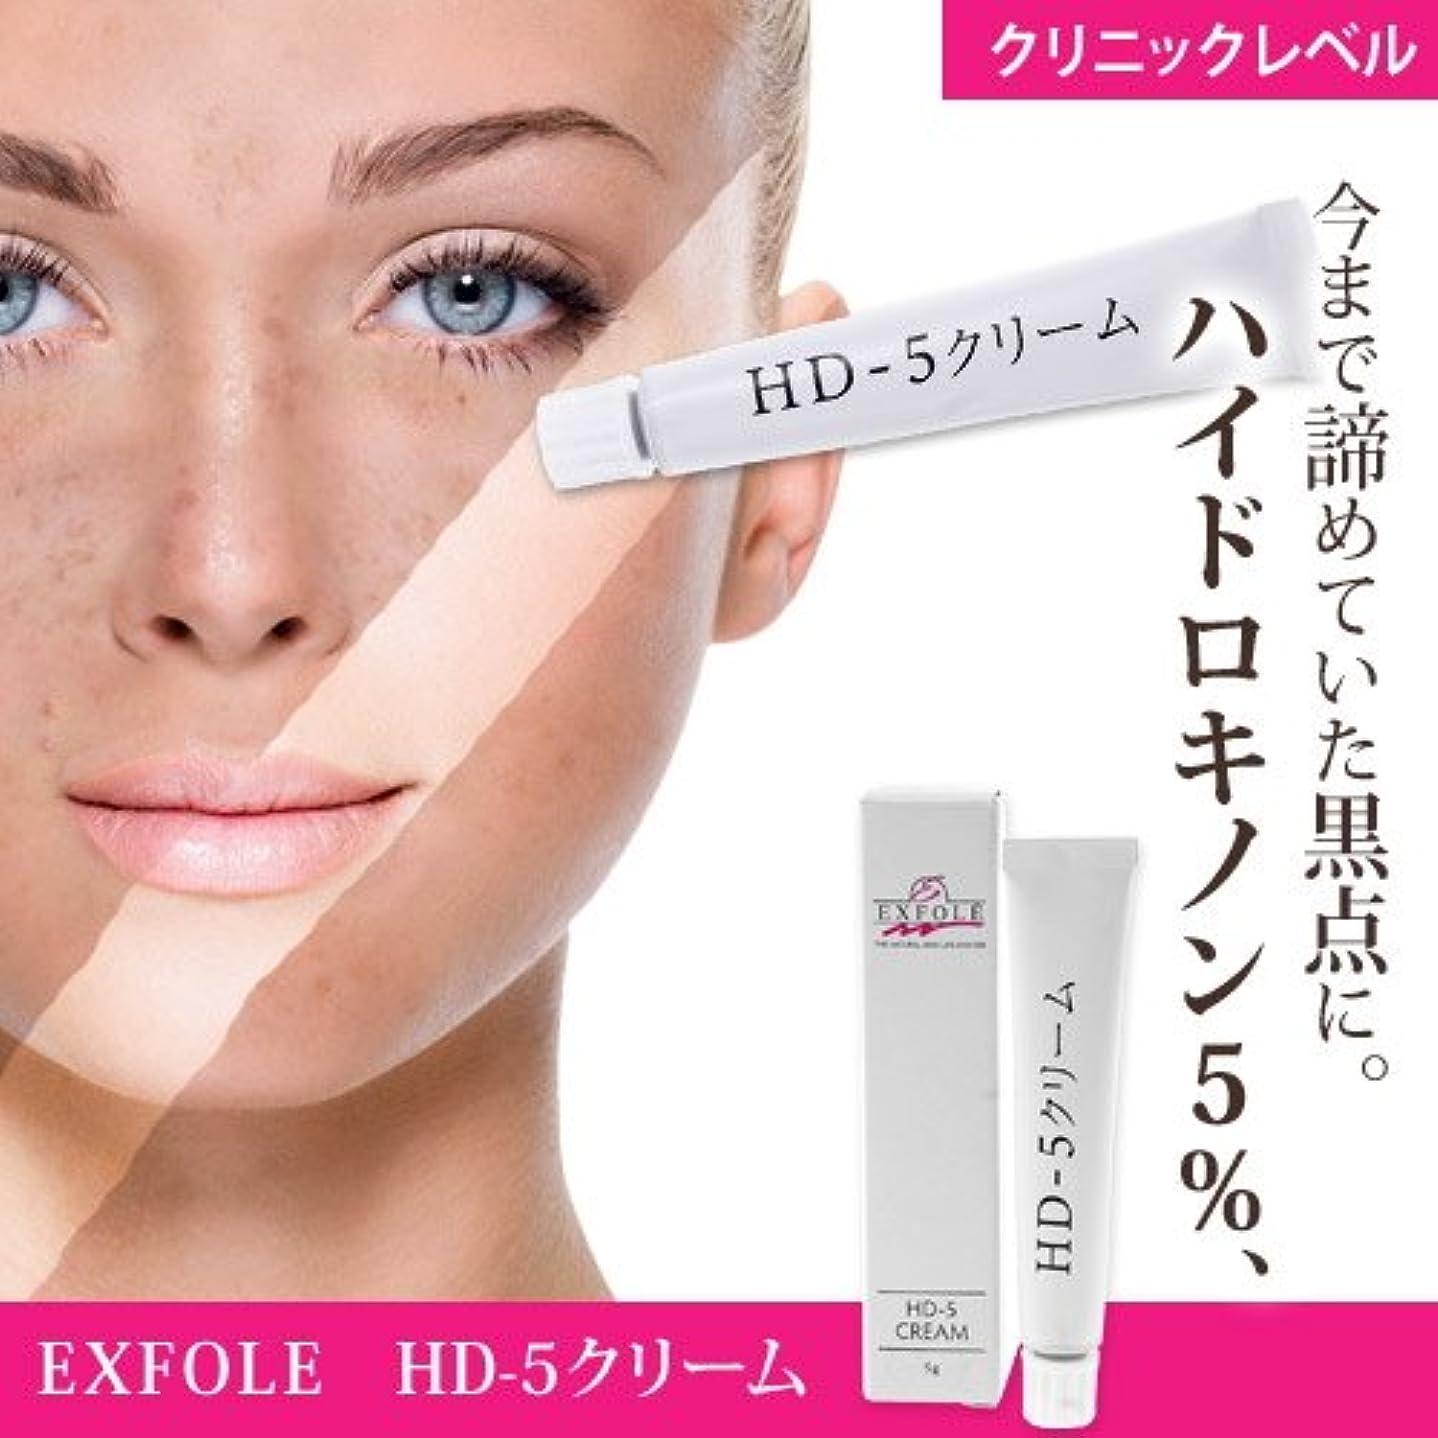 プラカードメロディアス魅惑するEXFOLE HD-5クリーム5g 3本セット